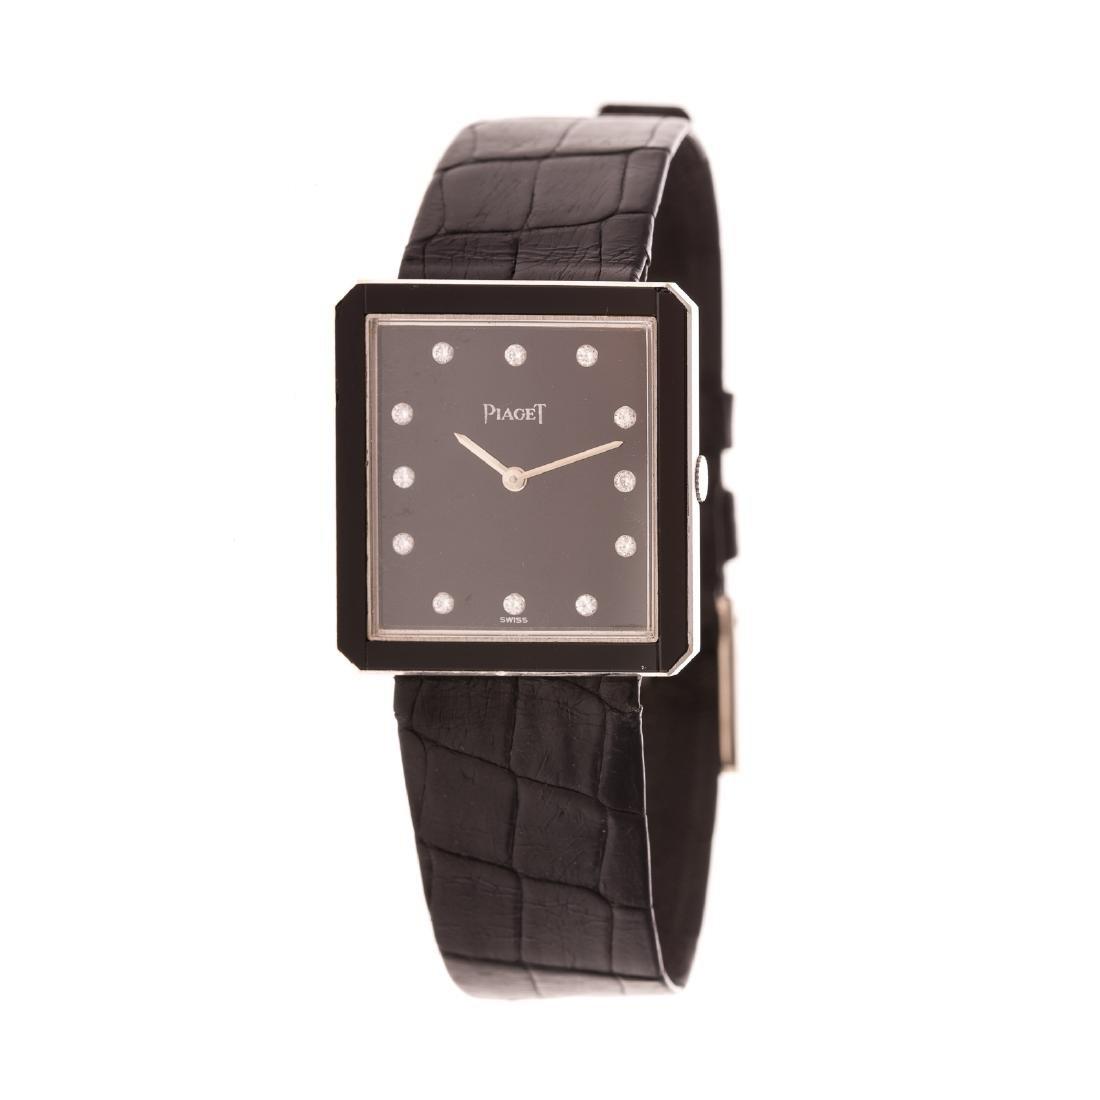 A Gentlemen's Piaget Watch with Diamonds in 18K - 2